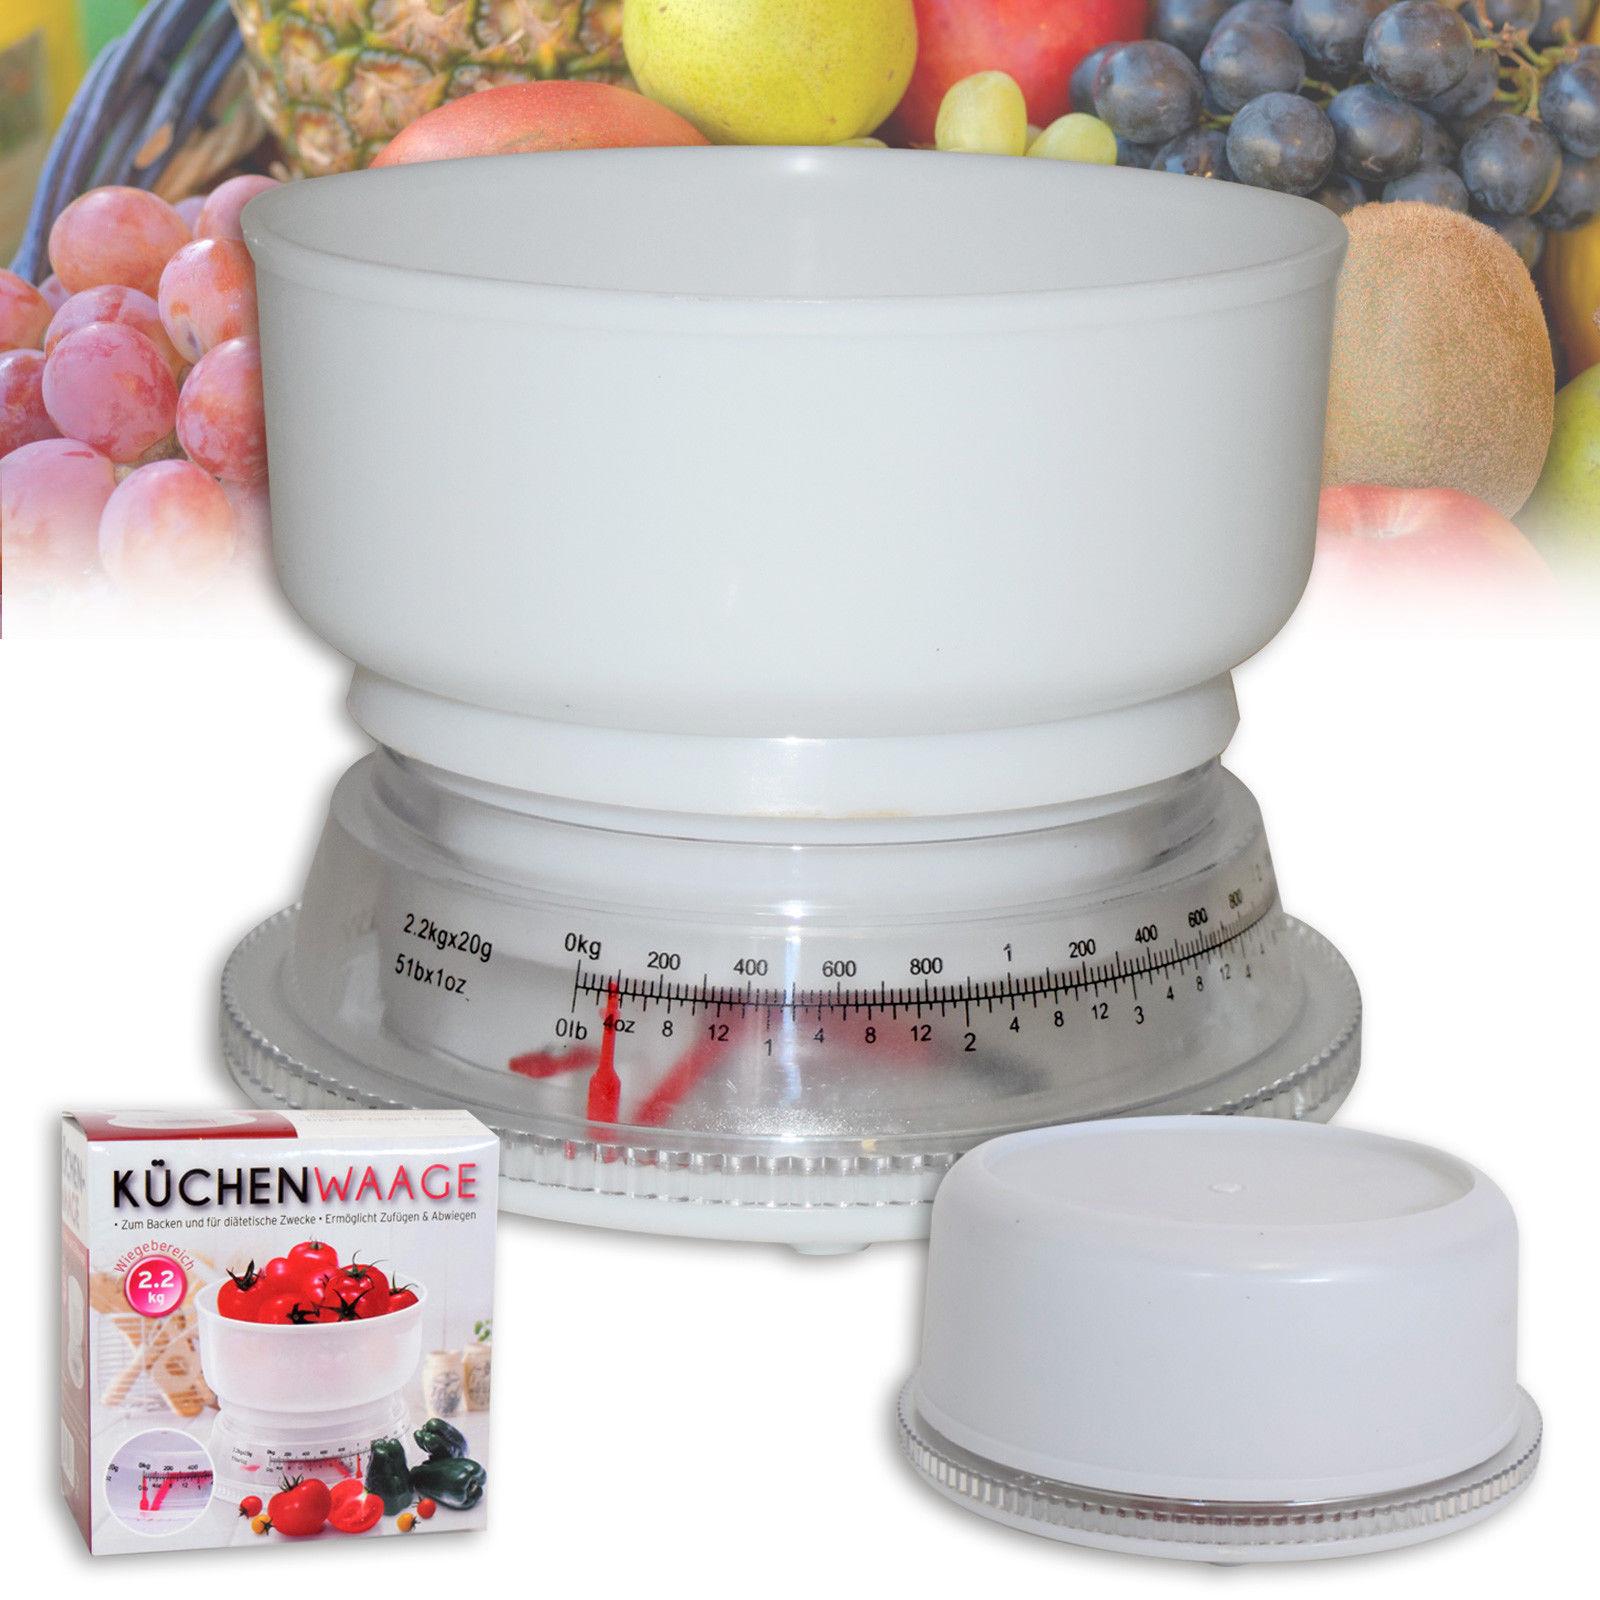 Küchenwaage Eifa bis 2,2kg bei der Posten-Börse (Lokal, nur an ca. 45 Standorten zubekommen)